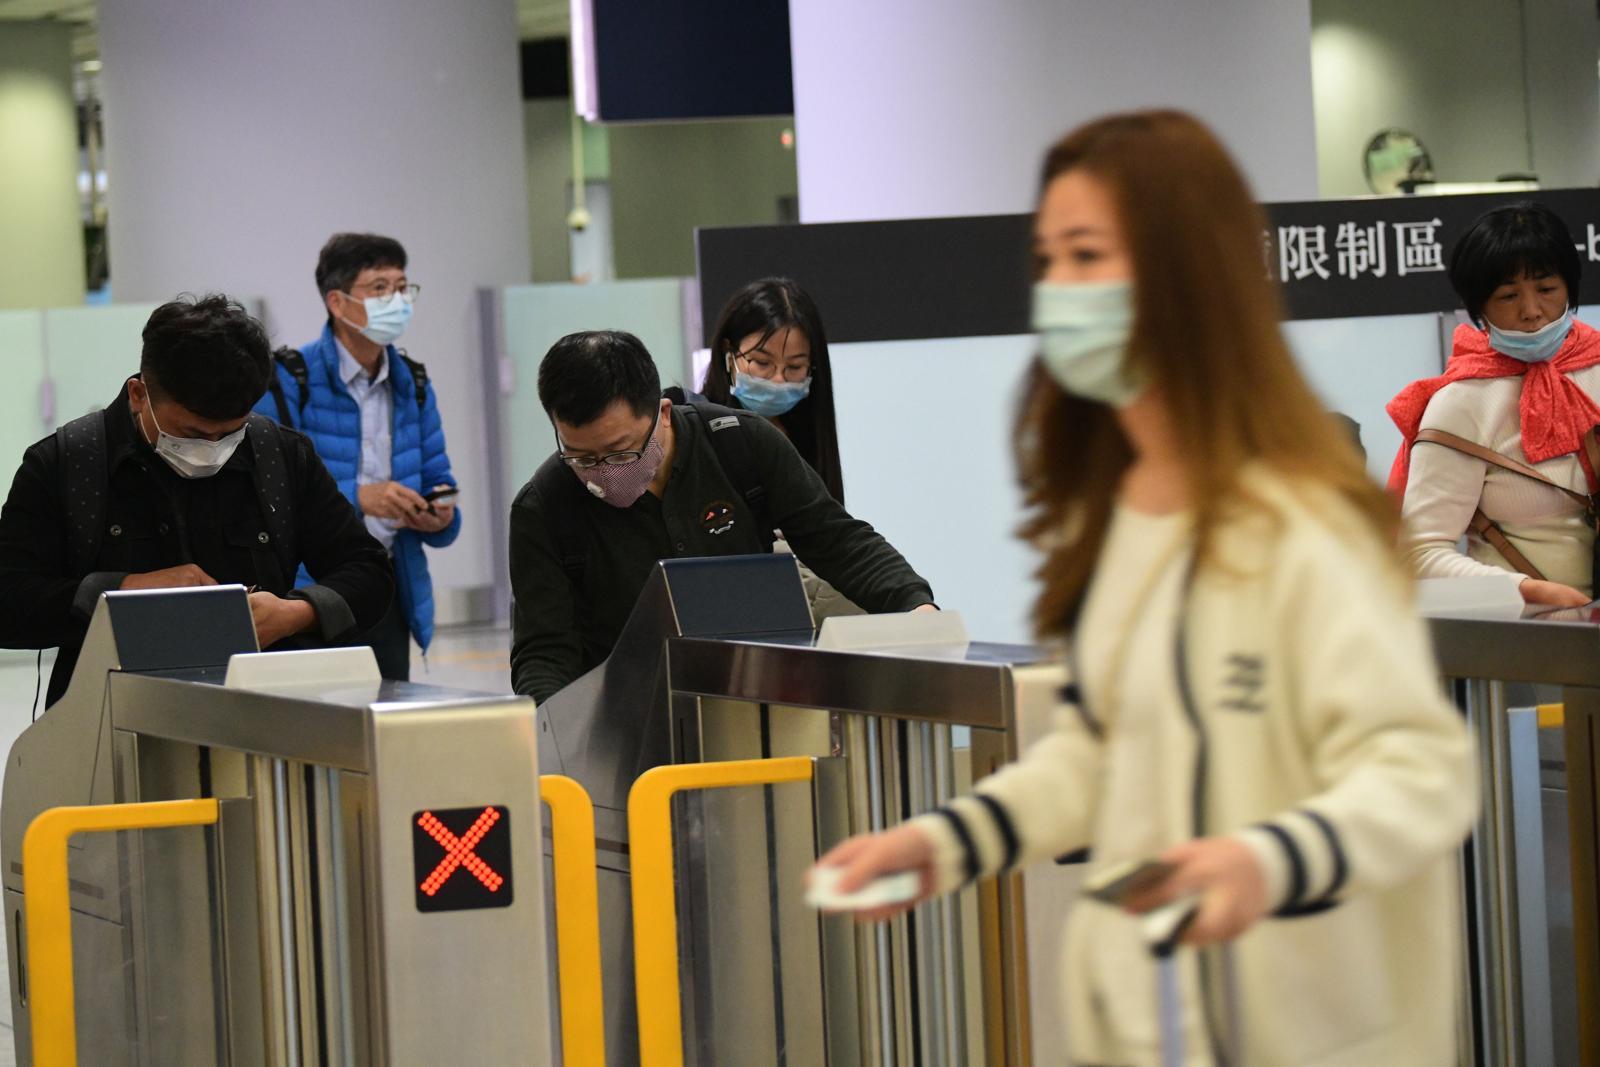 【新冠肺炎】前缐医生联盟倡暂停内地旅客入境 直至疫情受控